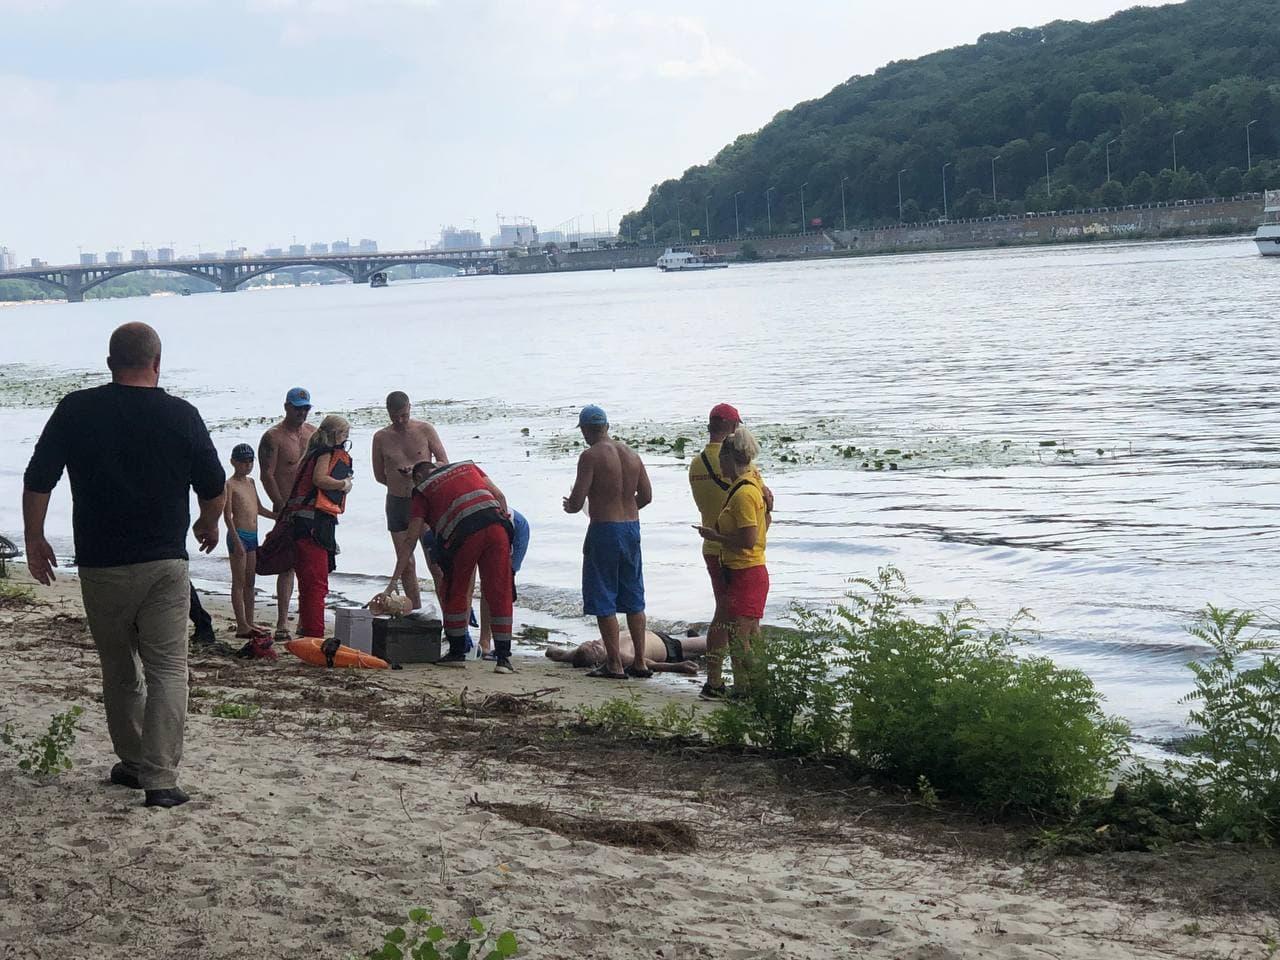 Був п'яний: на Трухановому острові потонув чоловік